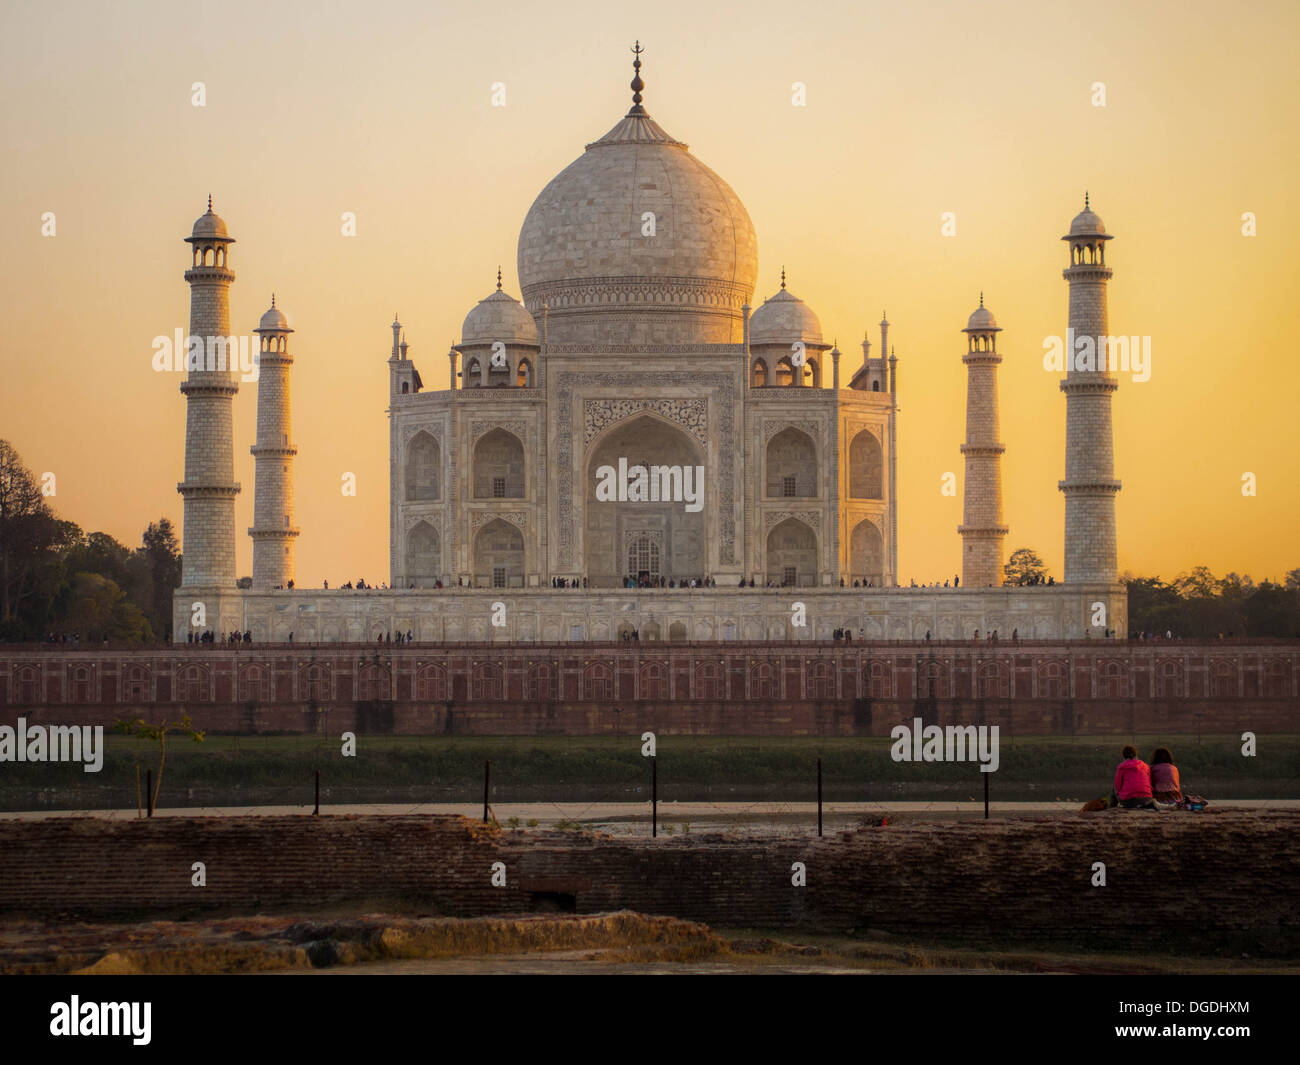 Il Taj Mahal al tramonto, Agra, India. Immagini Stock